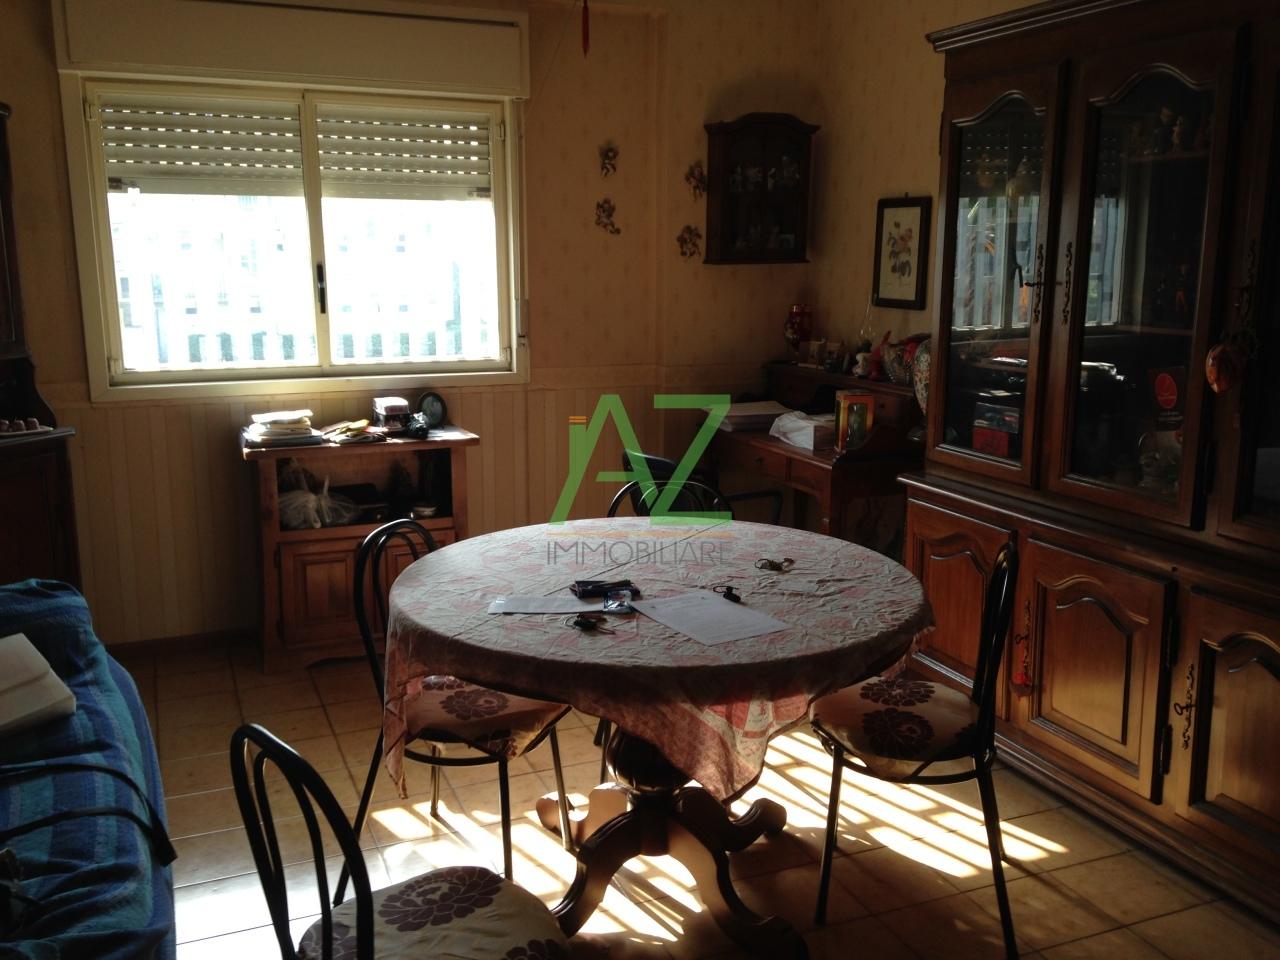 Appartamento in vendita a Gravina di Catania, 3 locali, prezzo € 88.000 | Cambio Casa.it